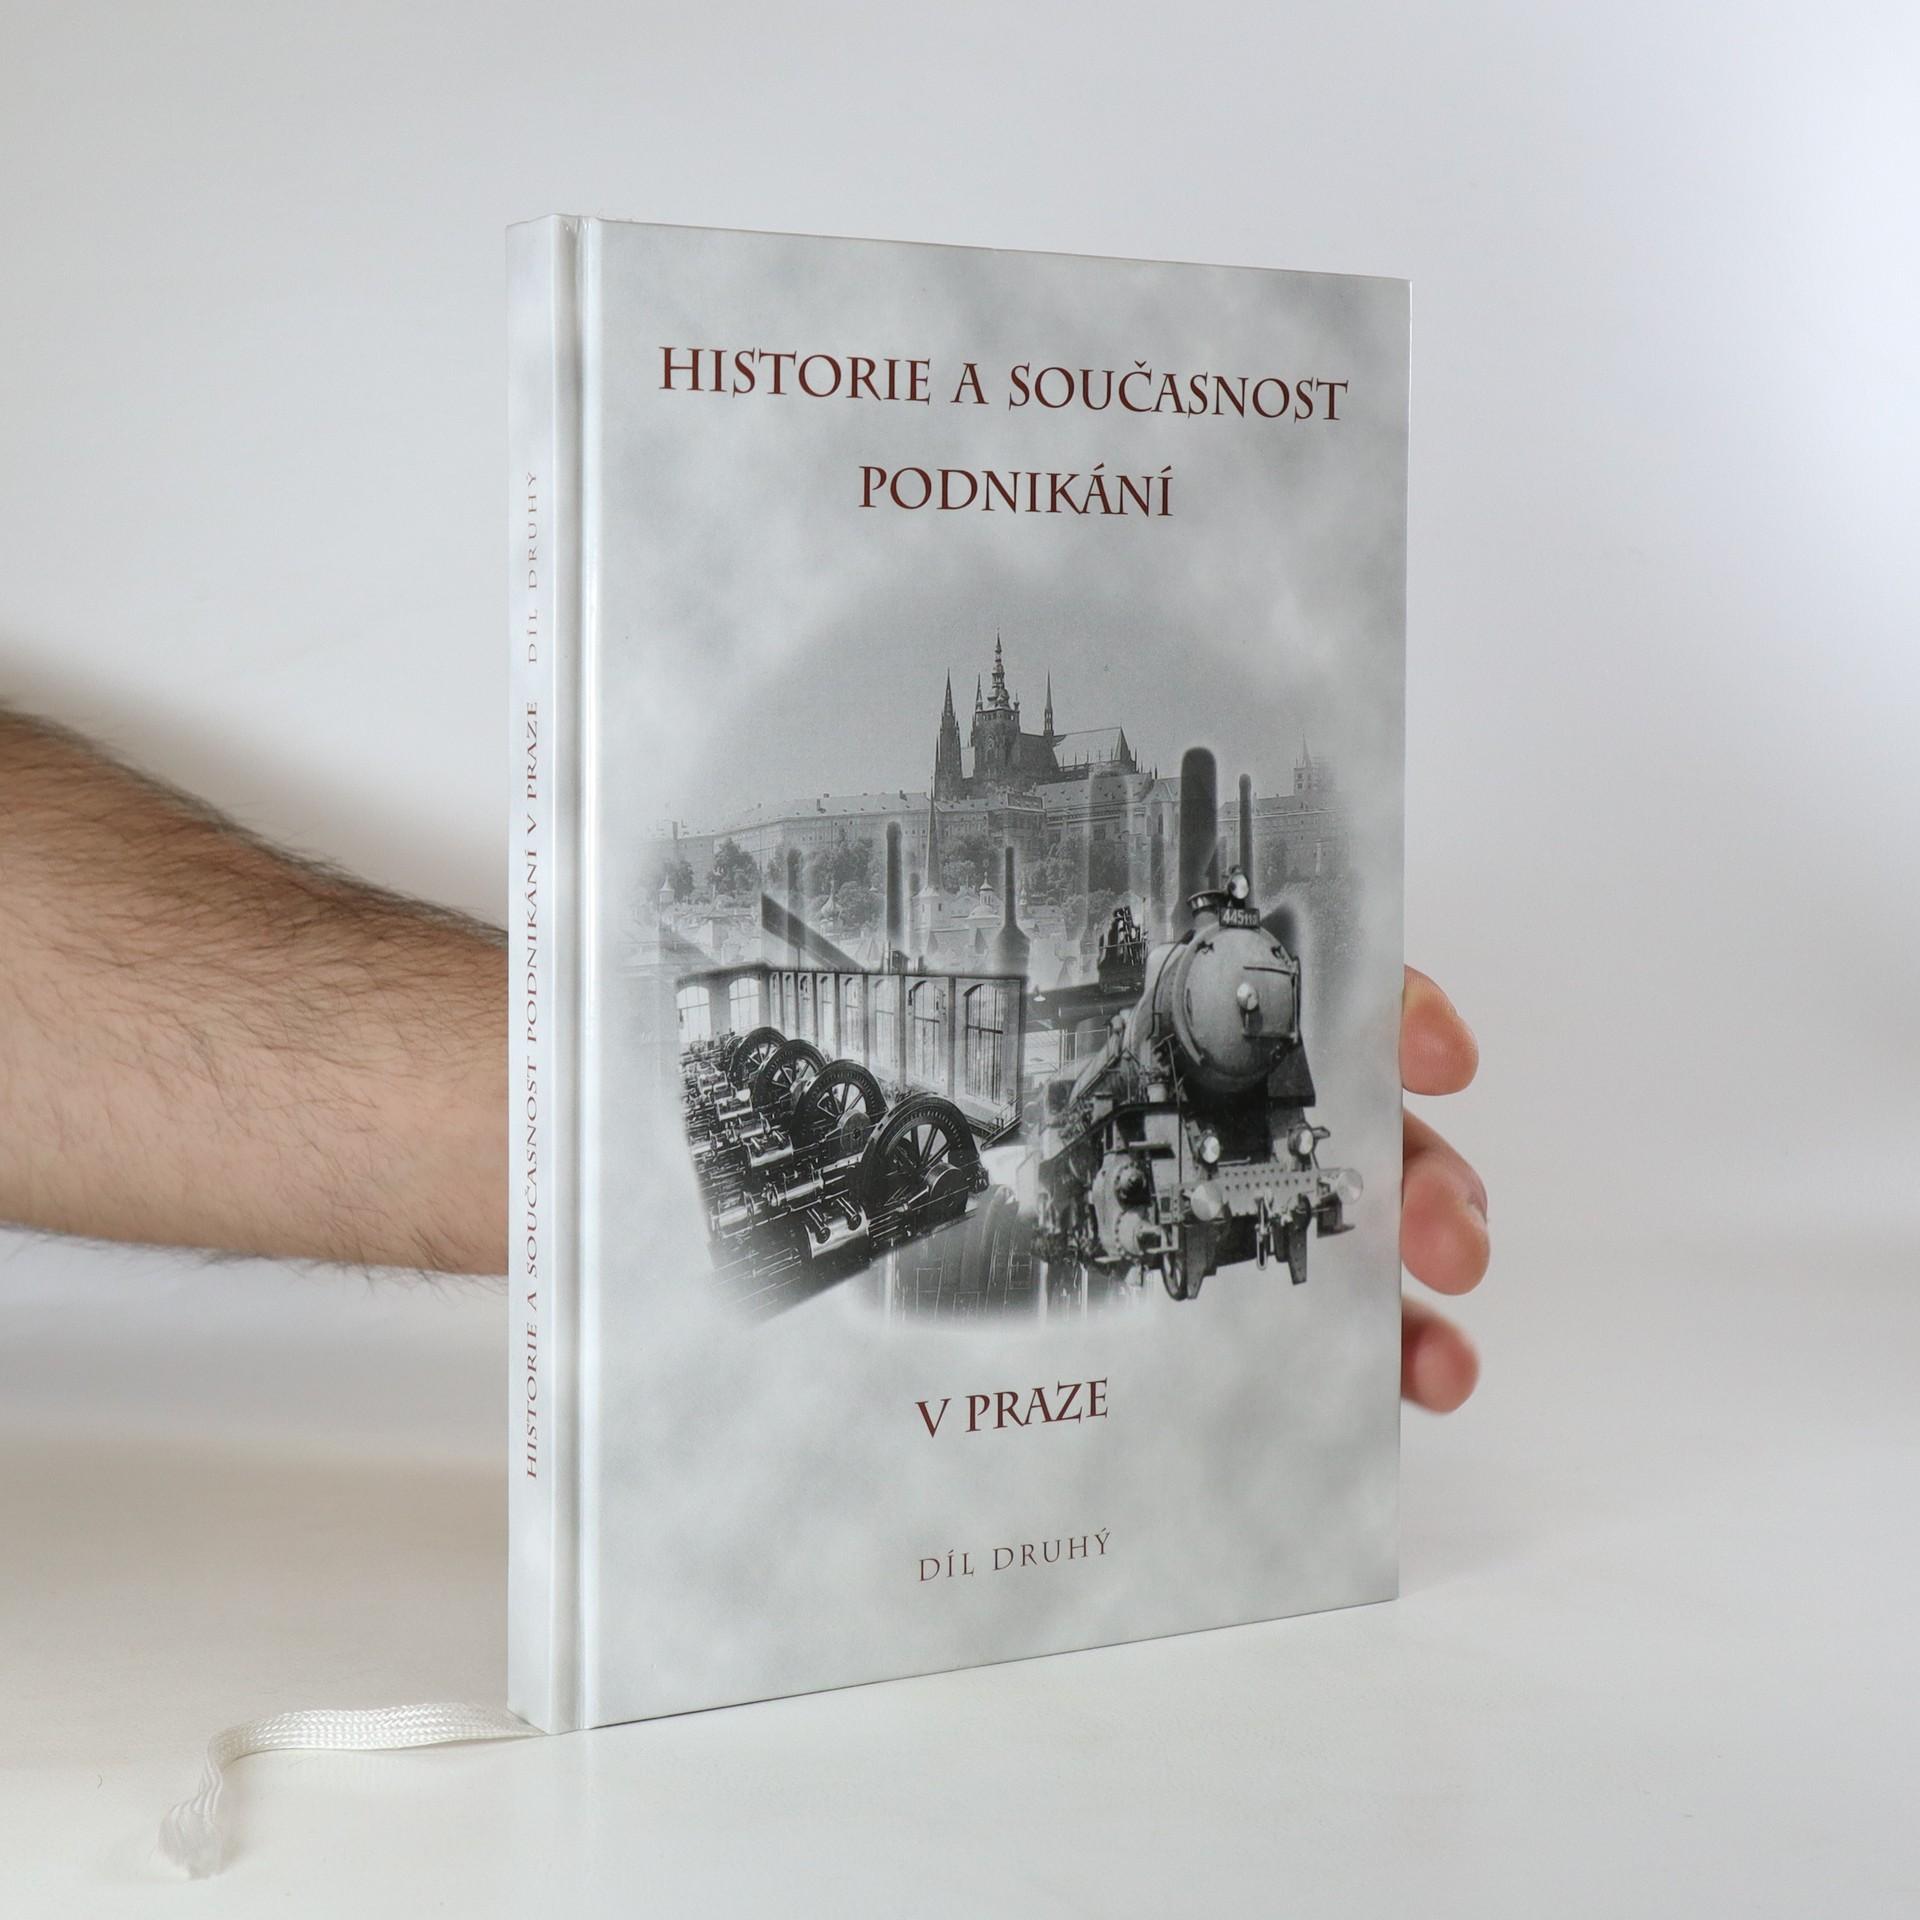 antikvární kniha Historie a současnost podnikání v Praze. Díl druhý, 2003